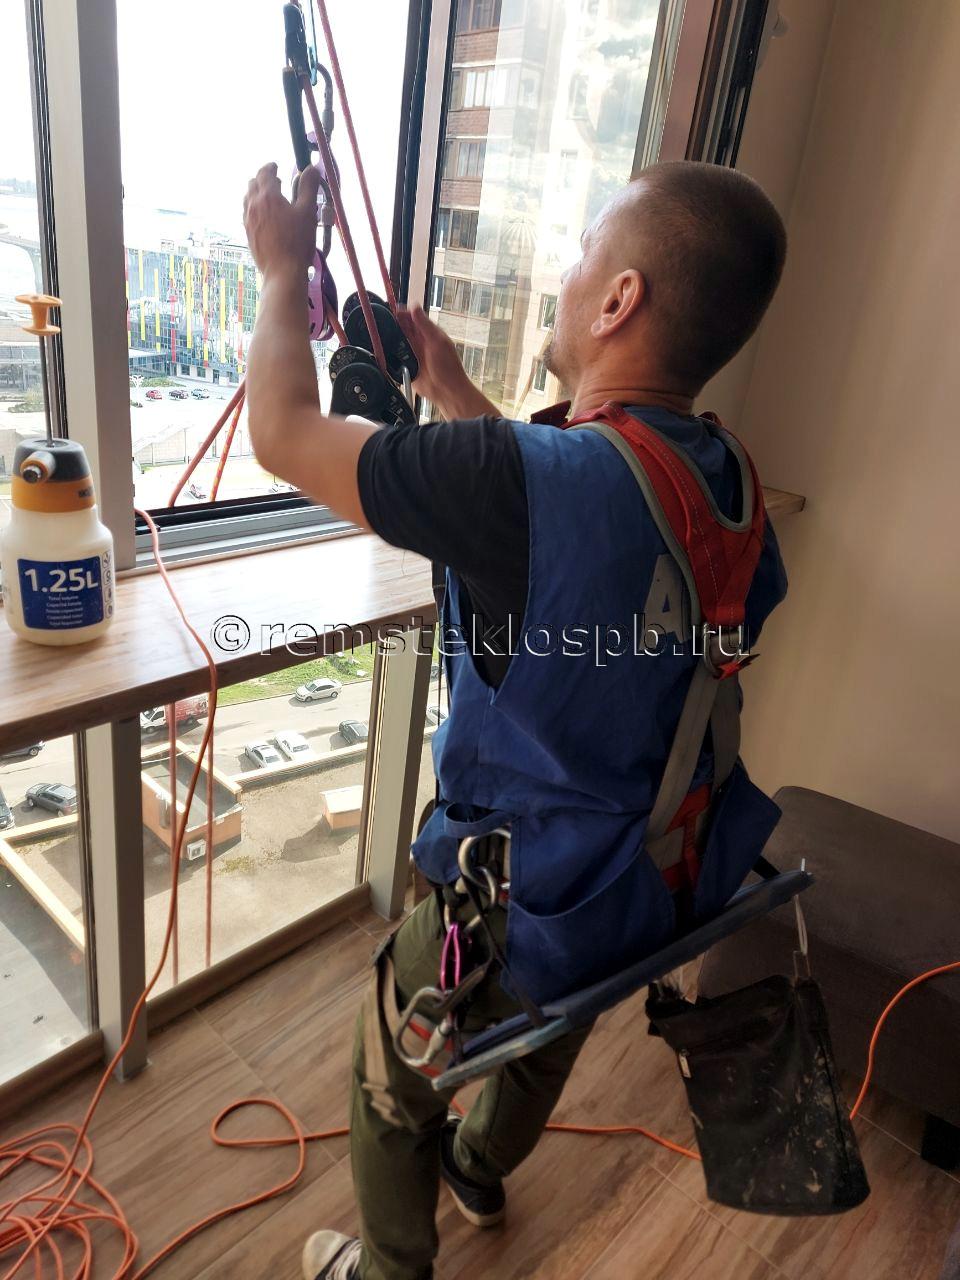 Промышленный альпинизм и минеральный налет на стеклах